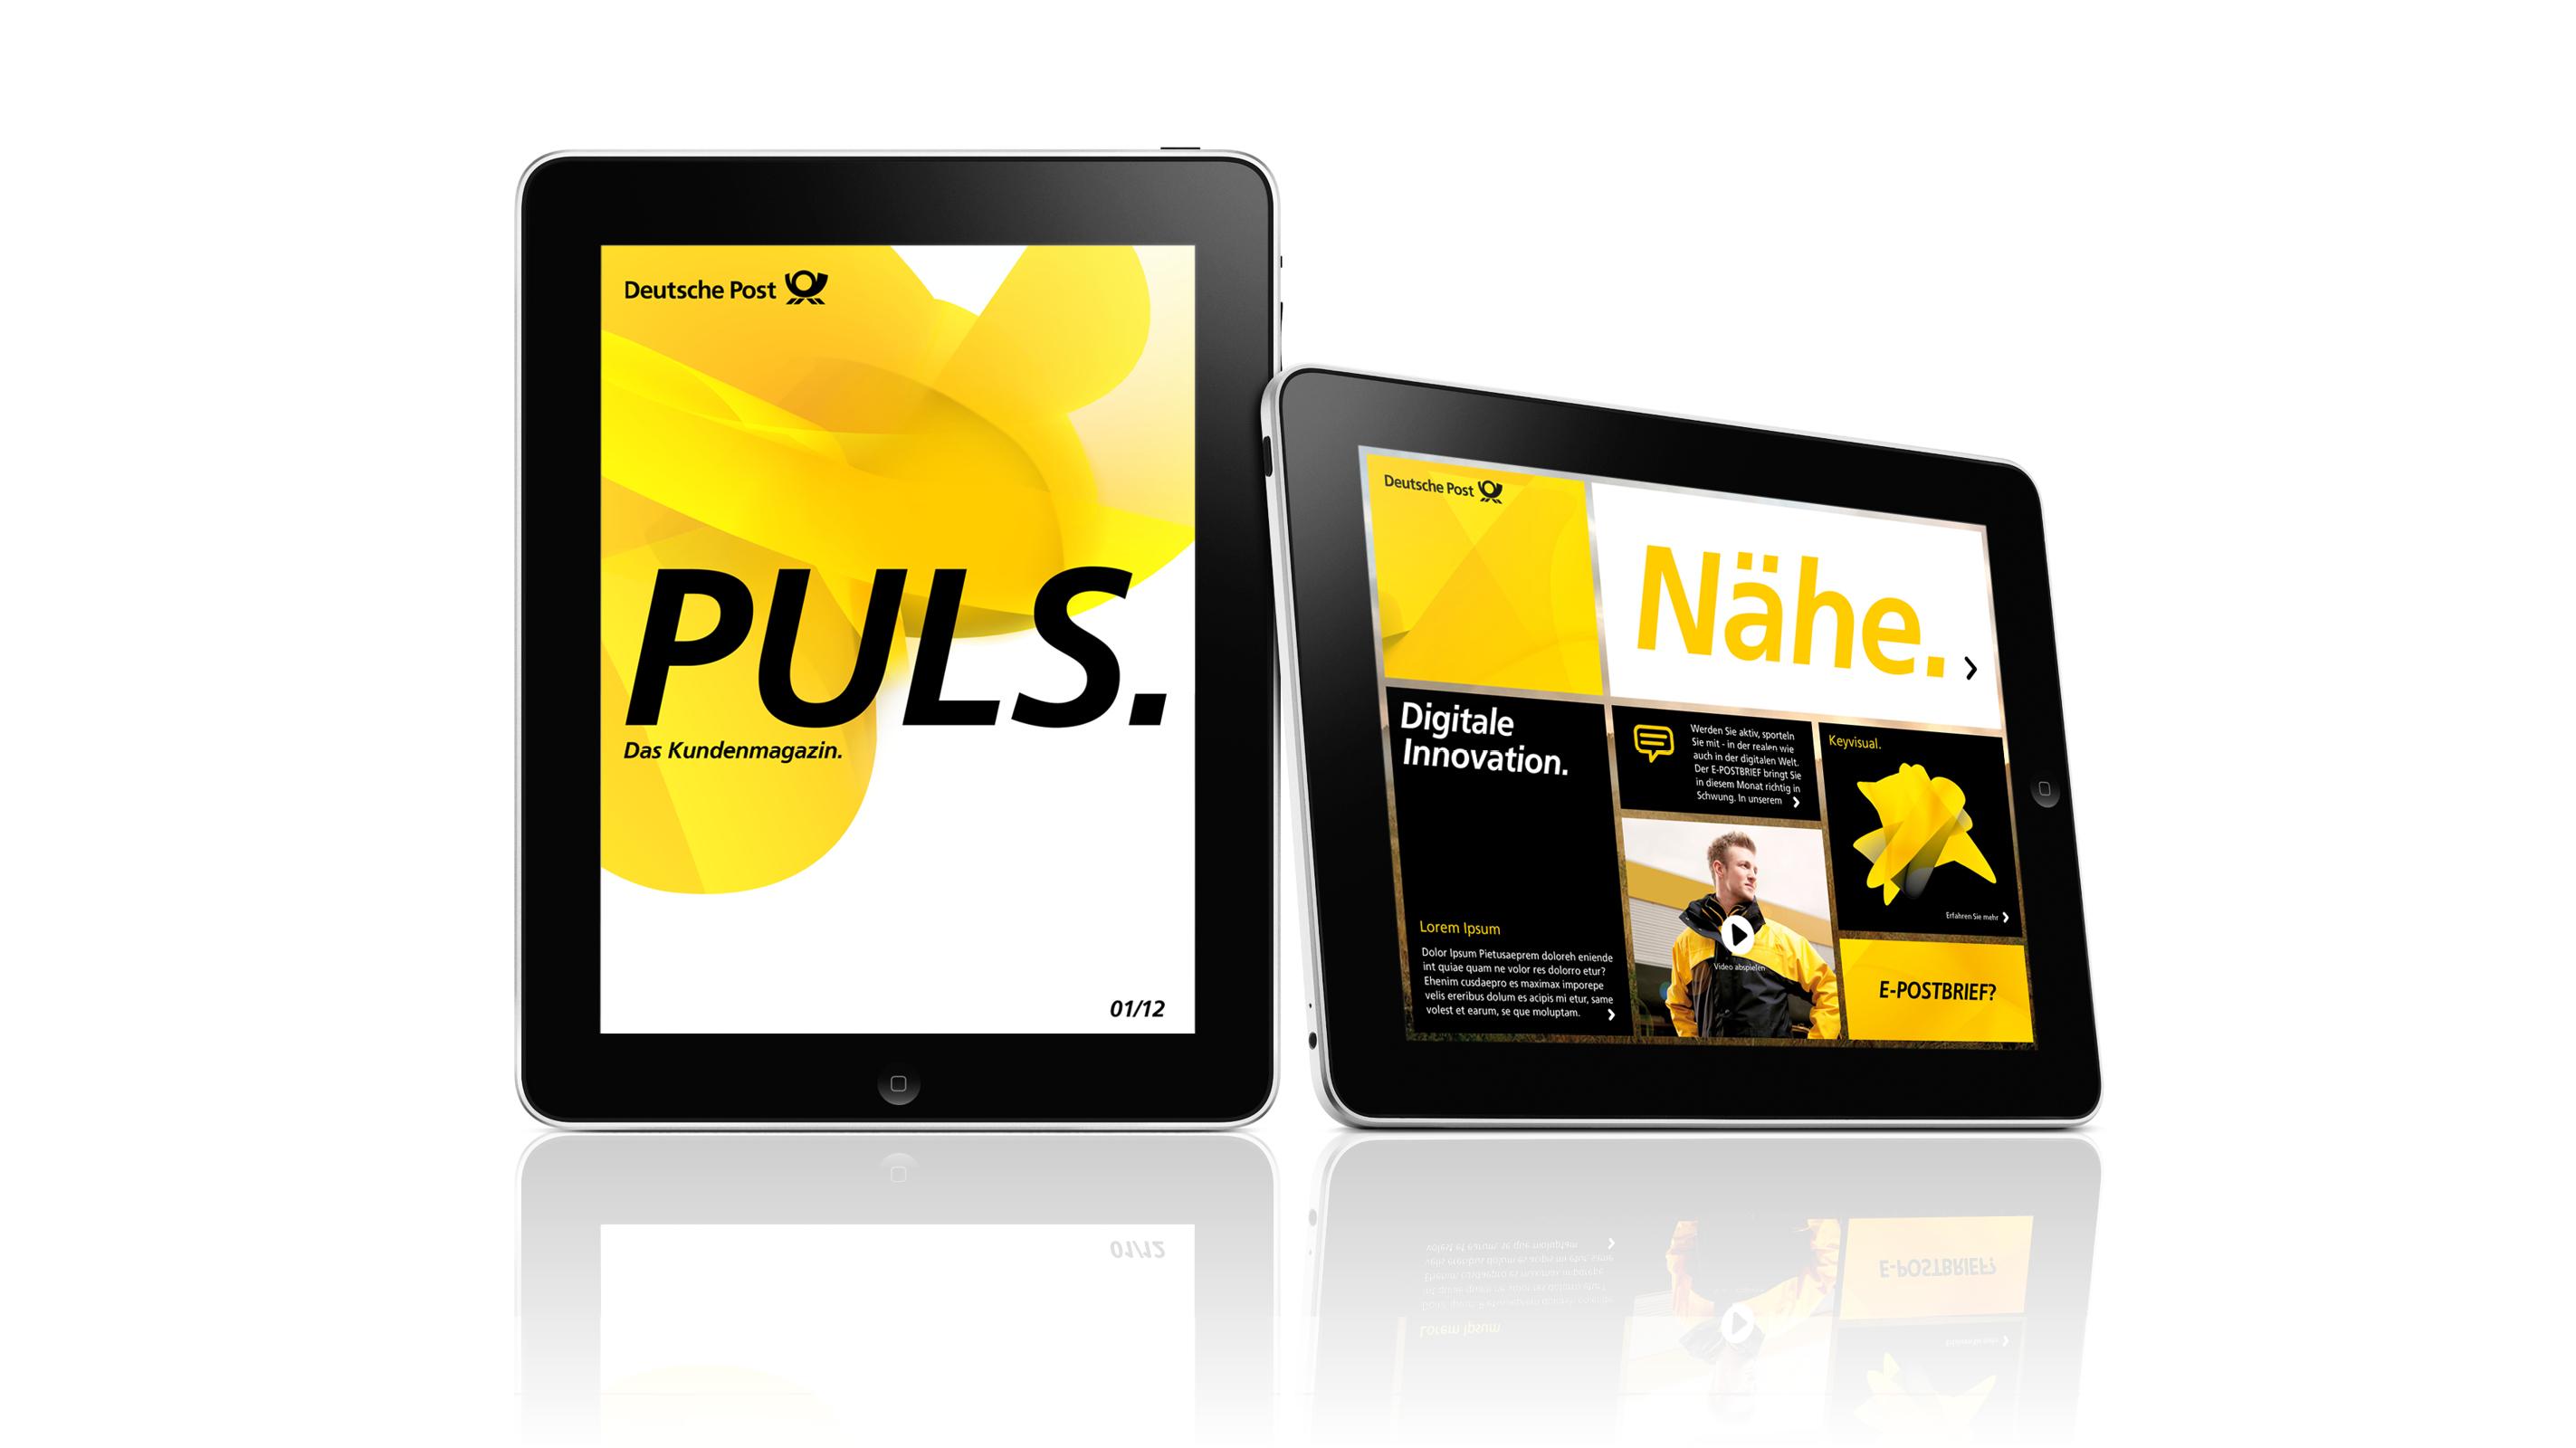 Deutsche Post – Poarangan Brand Design7